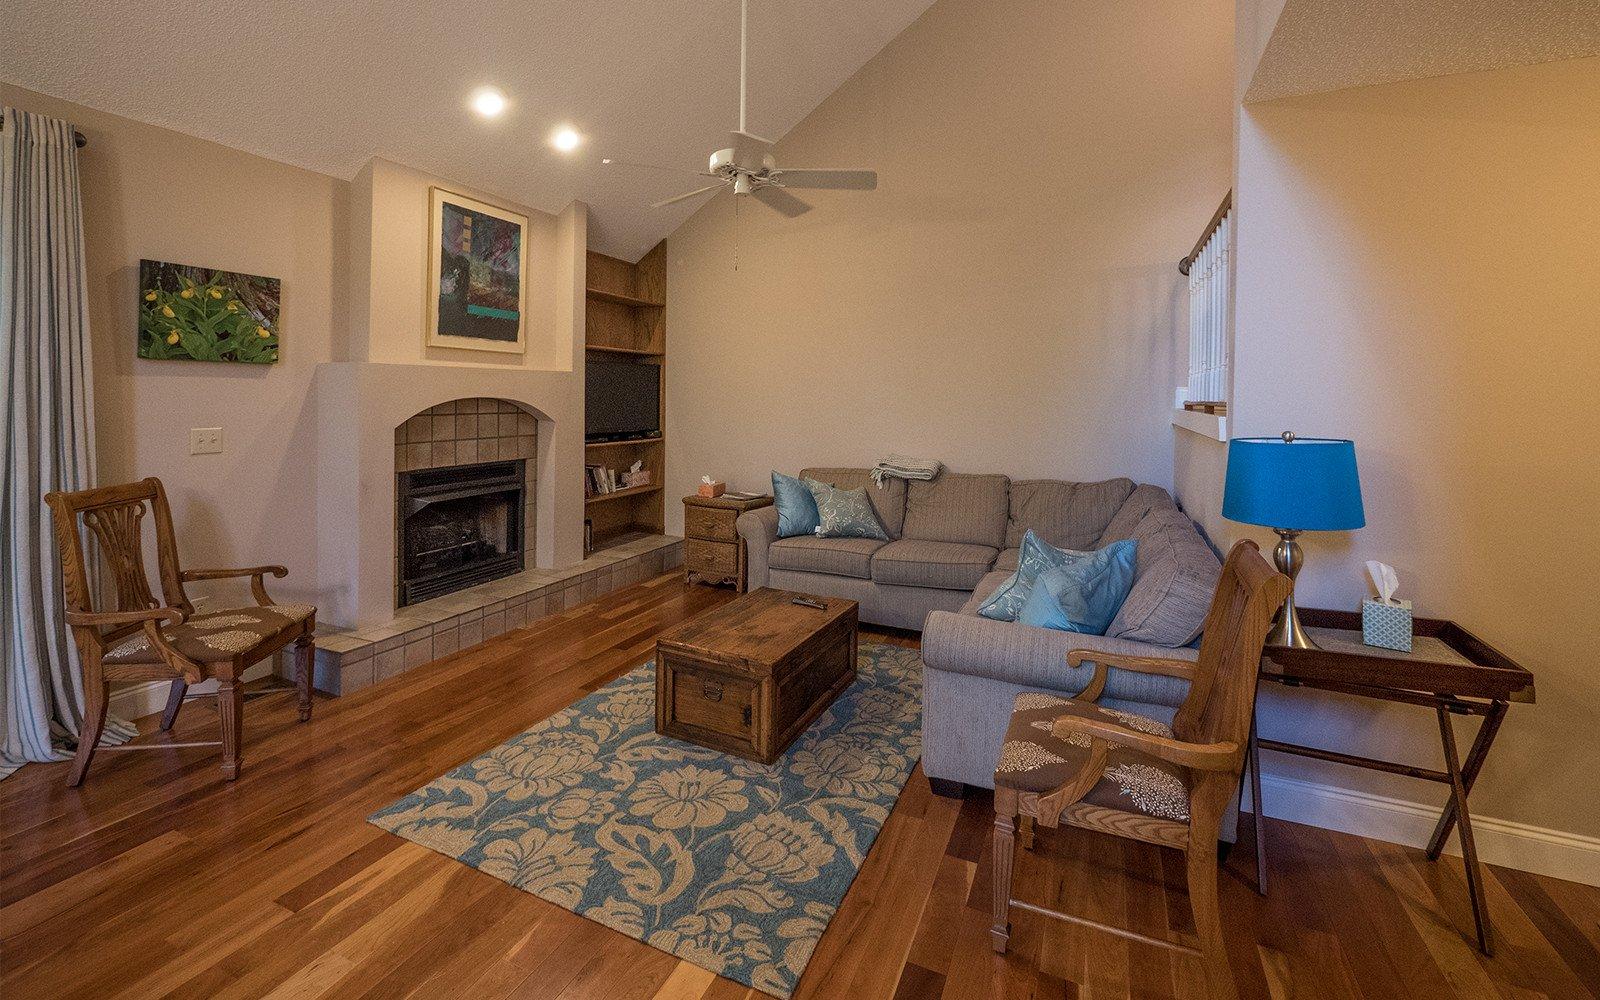 Living-room-Hilt-St-house